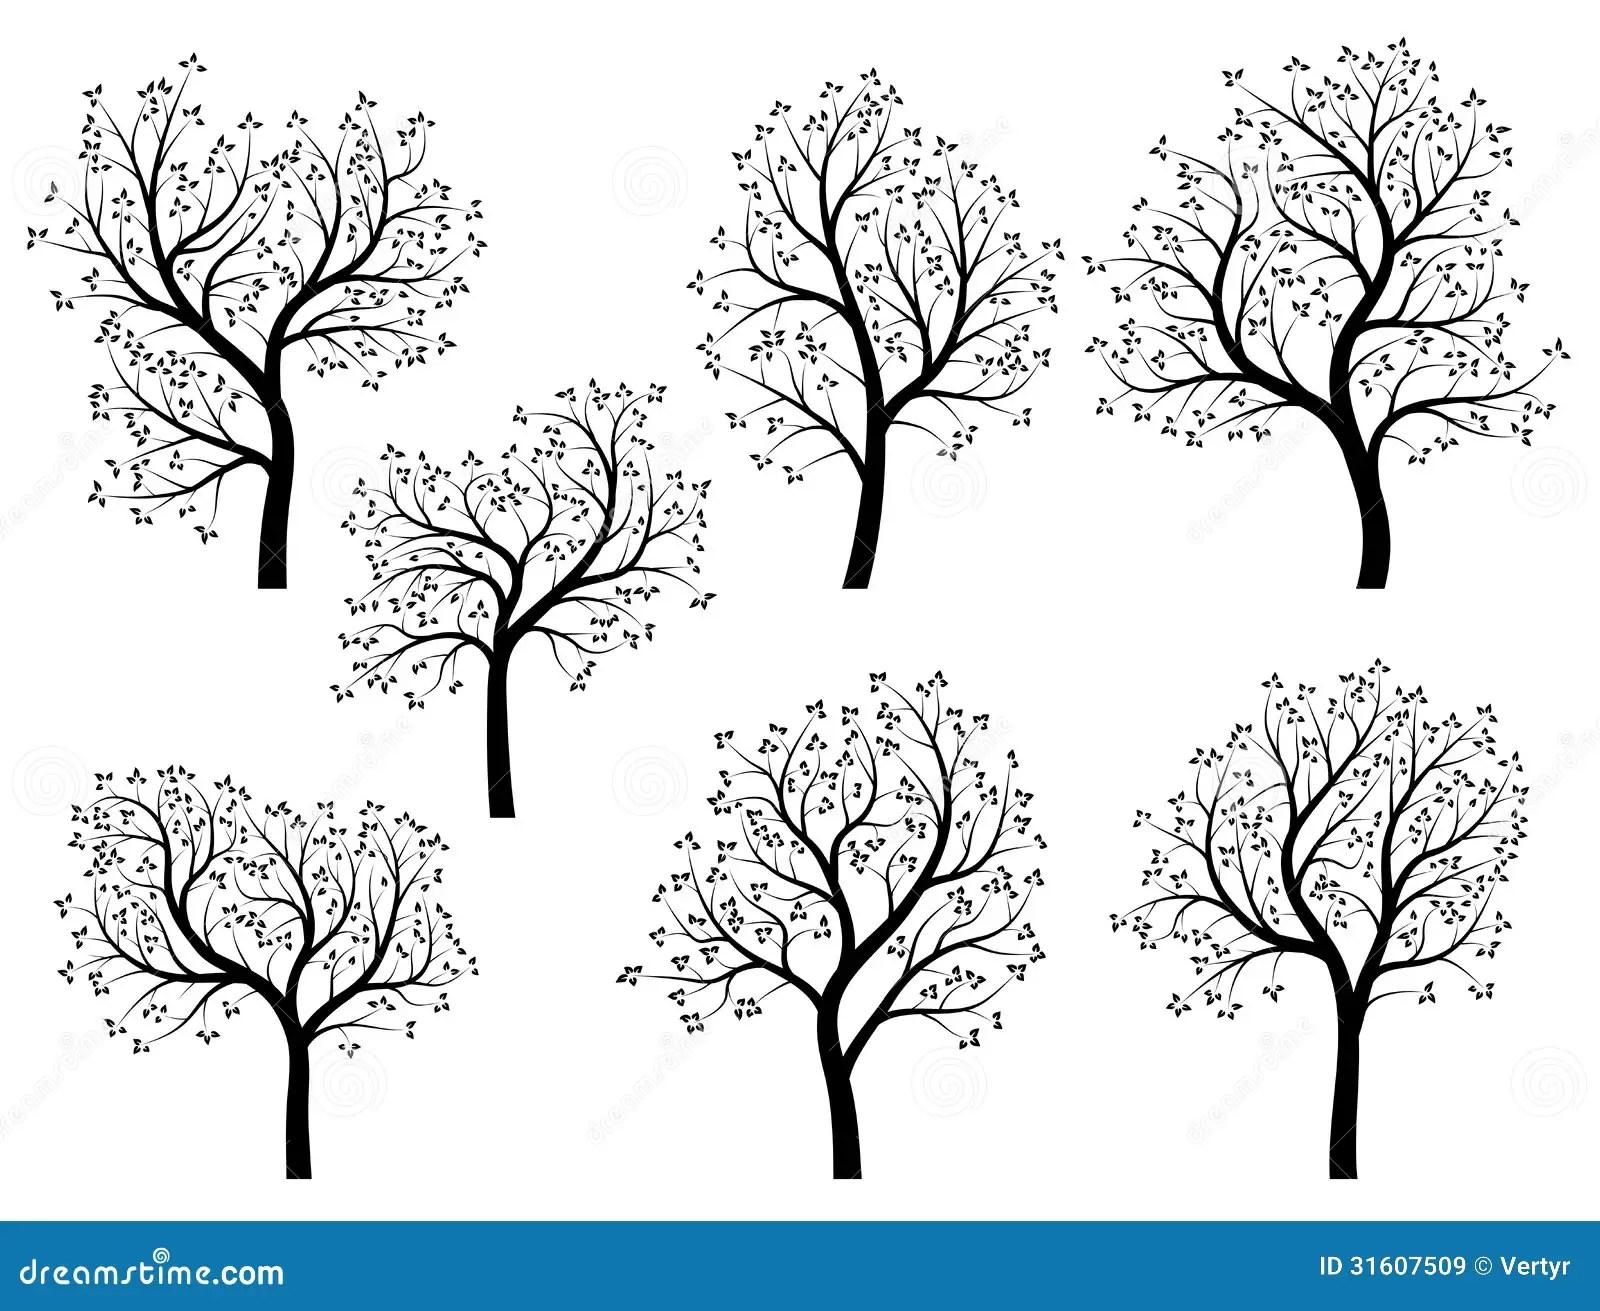 Abstrakte Schattenbilder Von Fruhlingsbaumen Mit Blattern